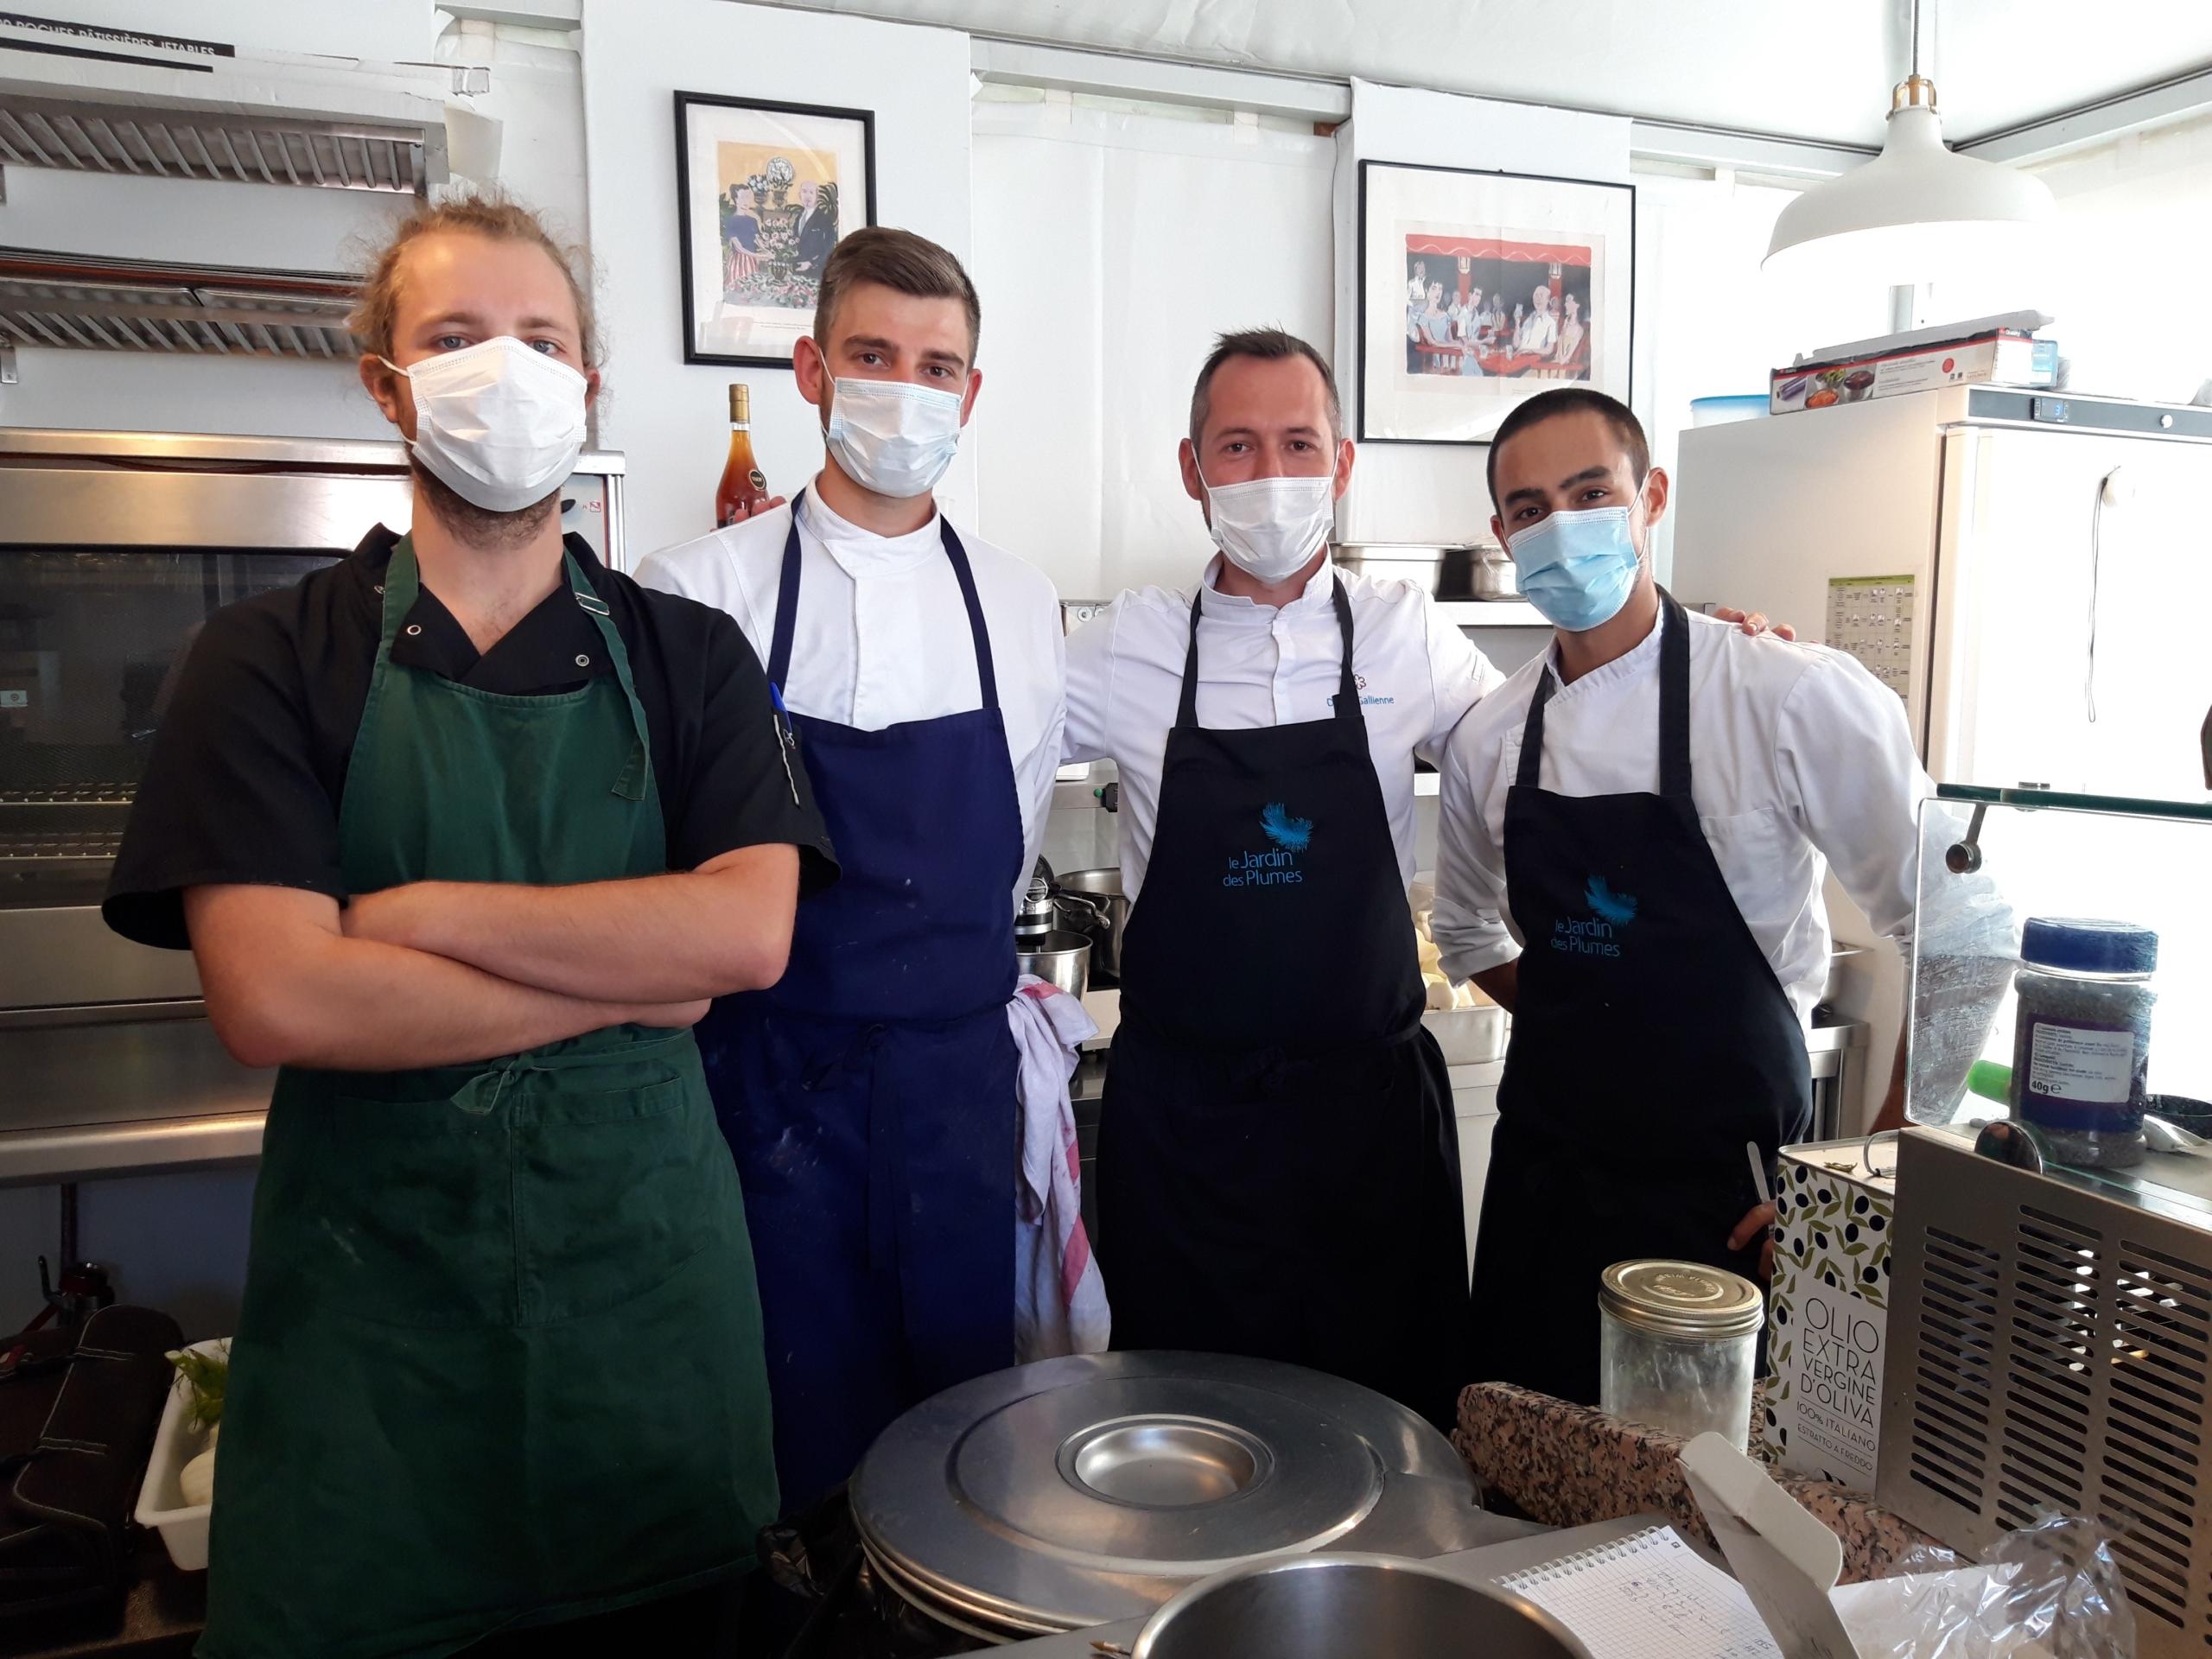 Pierre et Valentin, de La Bonne Aventure, partageront les cuisines avec David Gallienne et son adjoint Stanislas ce lundi 20 juillet 2020.©Flora.Gelot